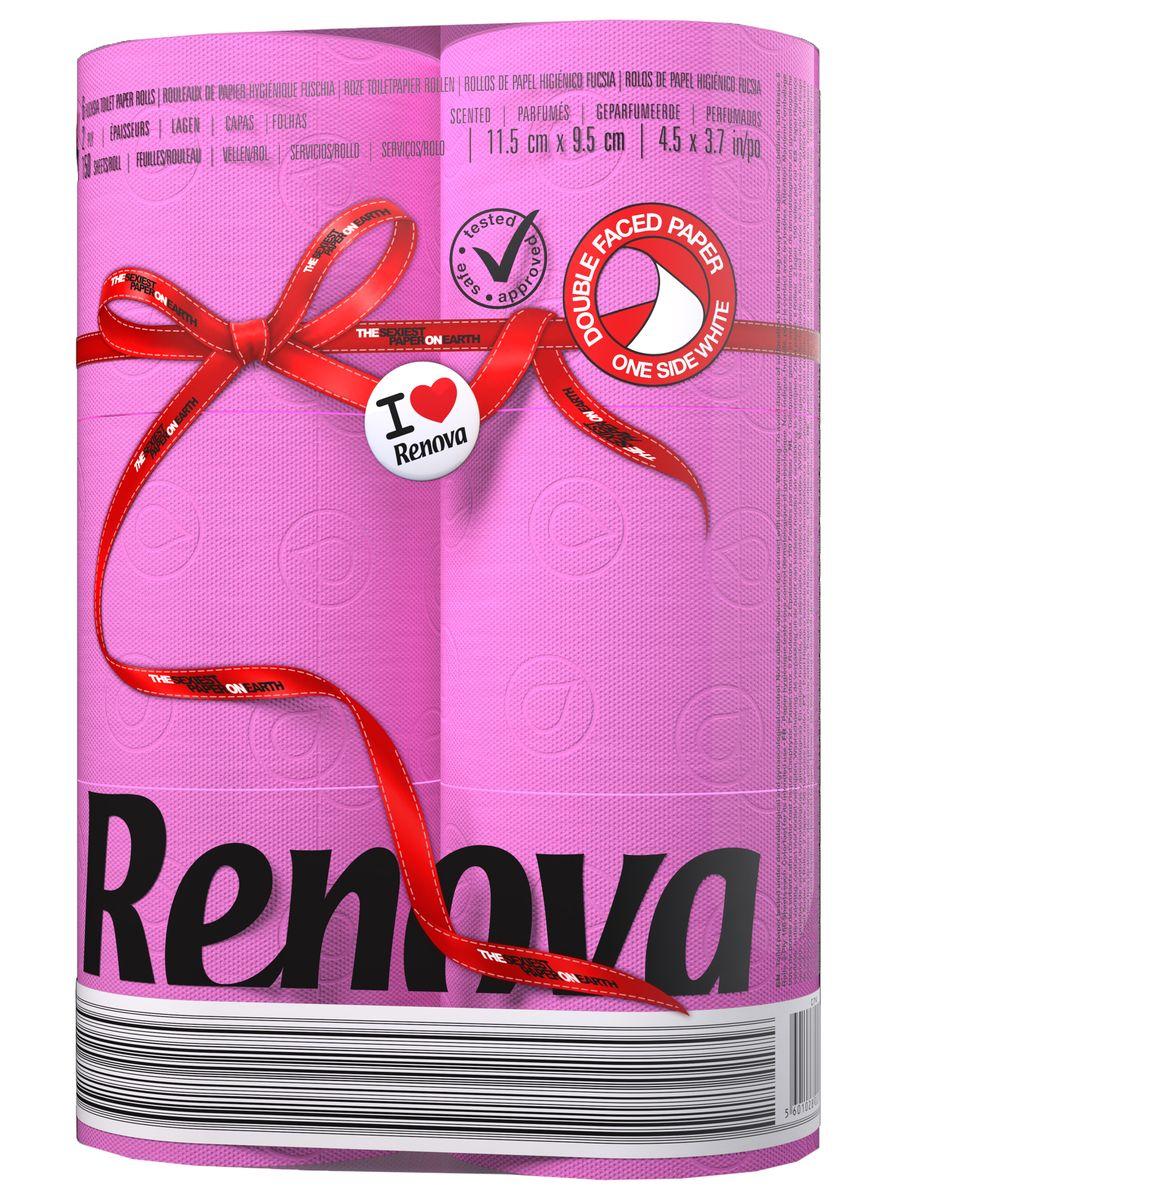 Туалетная бумага Renova, двухслойная, ароматизированная, цвет: фуксия, 6 рулонов200066926Туалетная бумага Renova изготовлена по новейшей технологии из 100% ароматизированной целлюлозы, благодаря чему она имеет тонкий аромат, очень мягкая, нежная, но в тоже время прочная. Эксклюзивная двухсторонняя туалетная бумага Renova  экстрамодного цвета, придаст вашему туалету оригинальность.Состав: 100% ароматизированная целлюлоза. Количество листов: 150 шт.Количество слоев: 2.Размер листа: 11,5 см х 9,5 см.Количество рулонов: 6 шт.Португальская компания Renova является ведущим разработчиком новейших технологий производства, нового стиля и направления на рынке гигиенической продукции. Современный дизайн и высочайшее качество, дерматологический контроль - это то, что выделяет компанию Renova среди других производителей бумажной санитарно-гигиенической продукции.